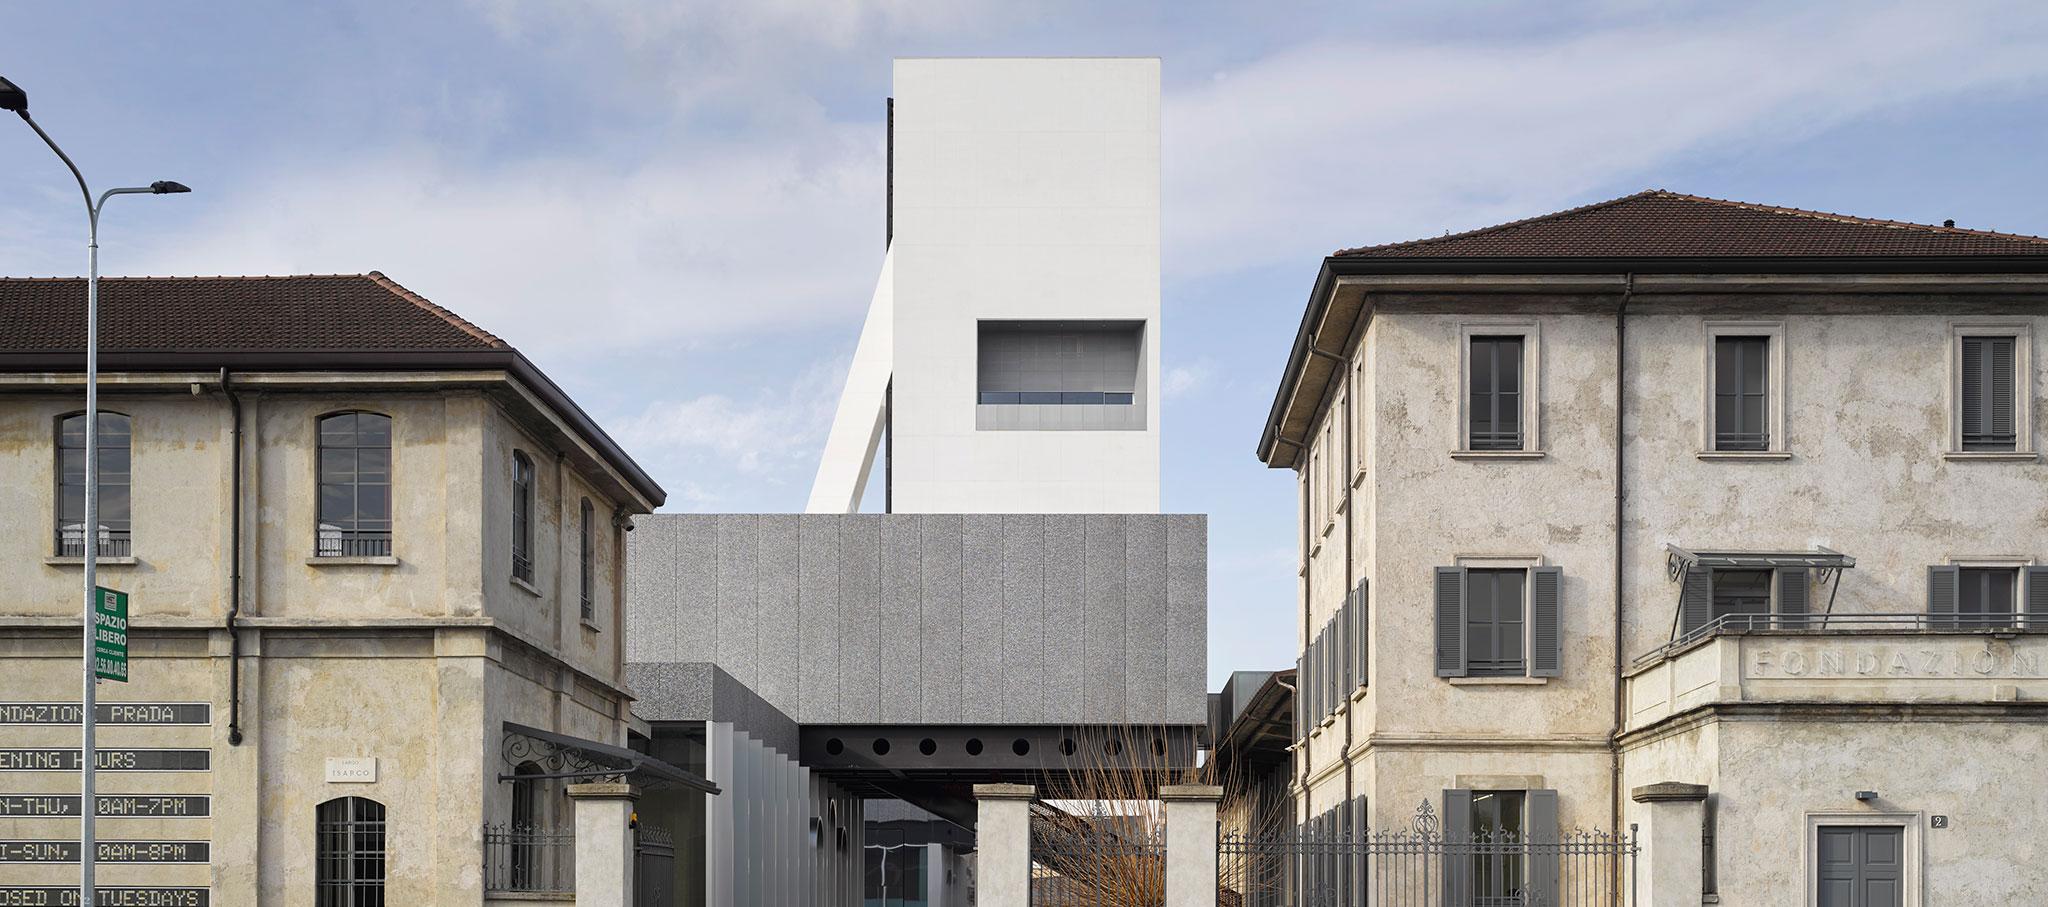 Vista desde el acceso. Torre Fondazione Prada, Milán. Proyecto de arquitectura de OMA. Fotografía por Bas Princen. Cortesía de Fondazione Prada